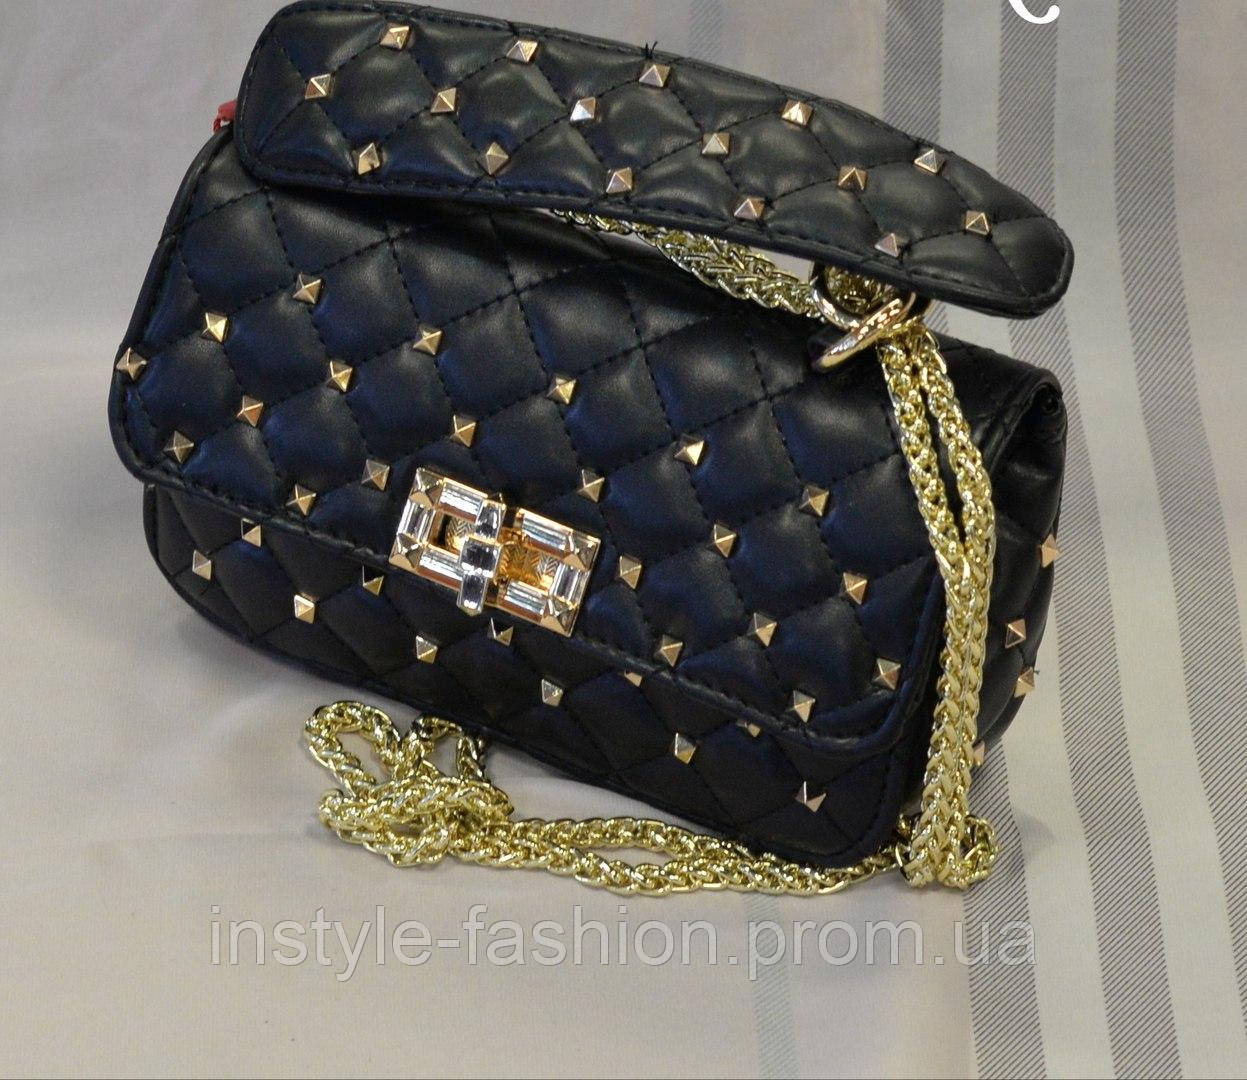 a9577c68c112 Женская сумка-клатч копия Валентино Valentino качественная эко-кожа черная